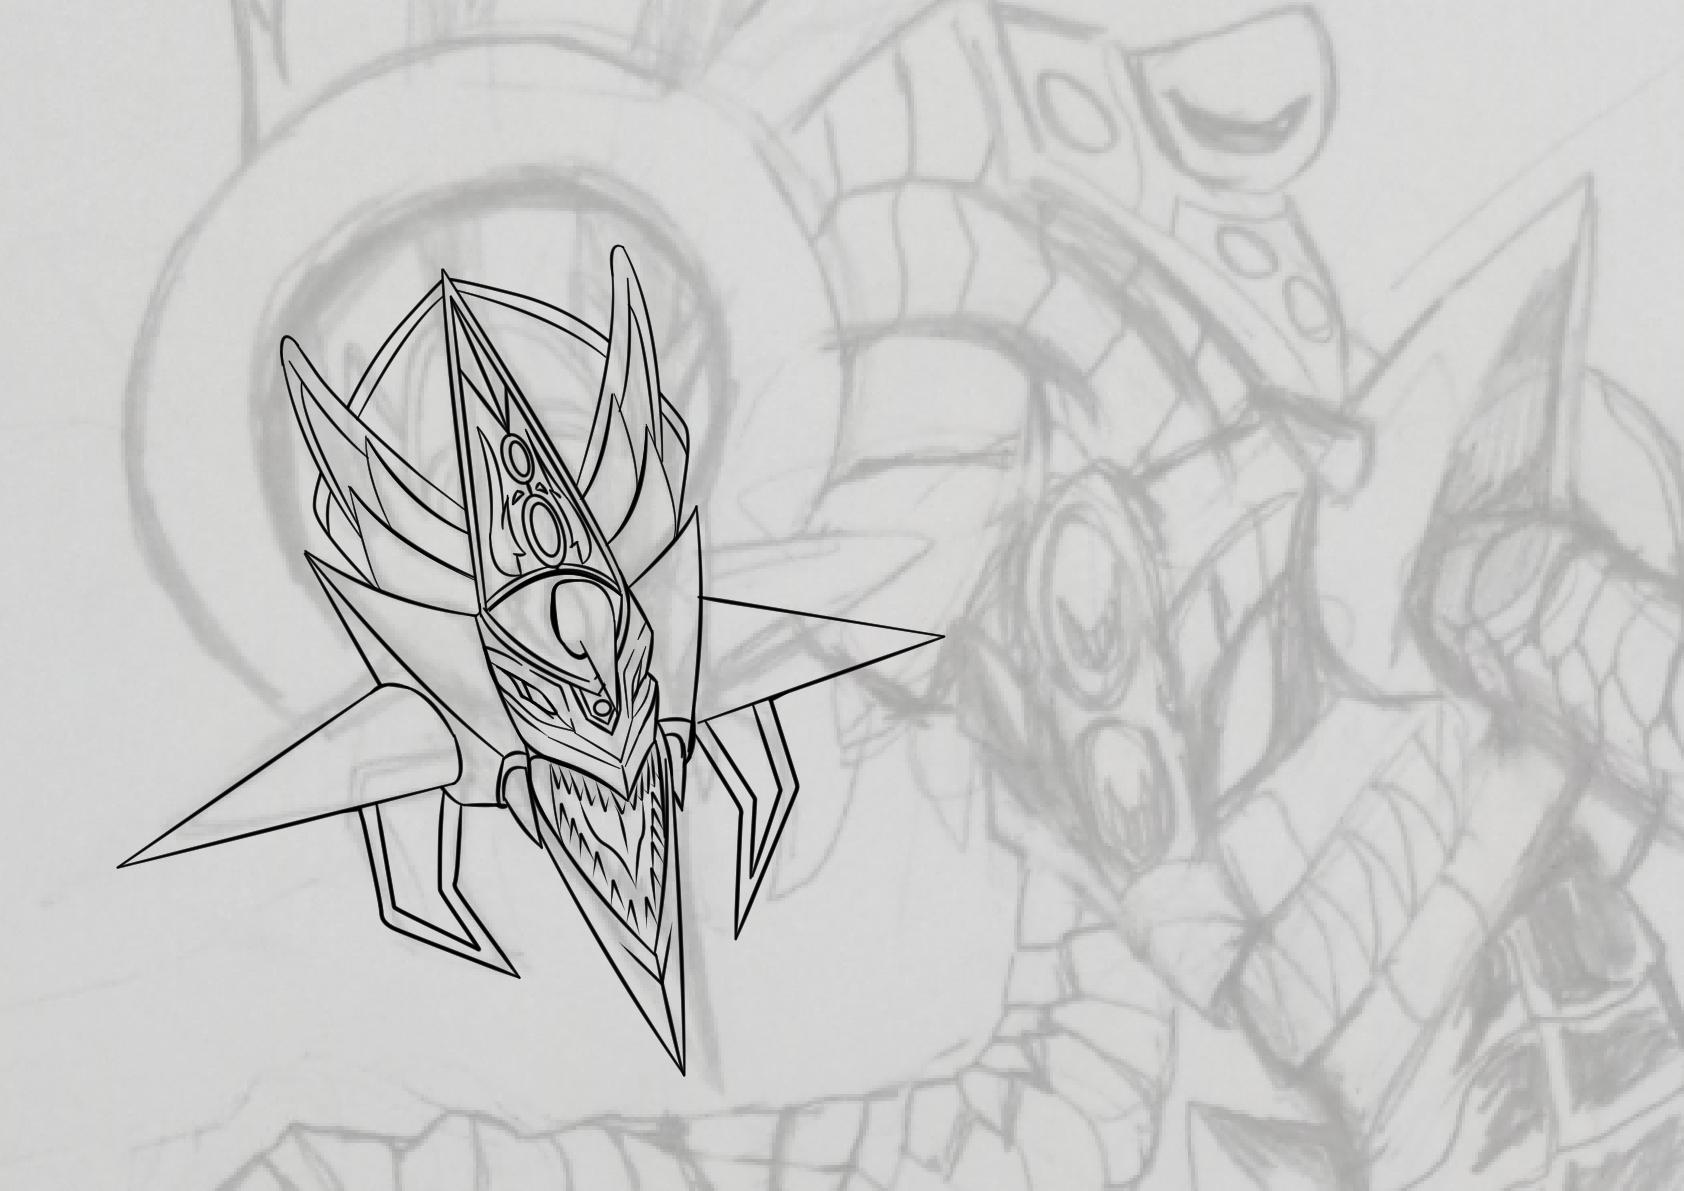 Dessin Ange Realiste monstre du messager du chaos dragon léger et sombre